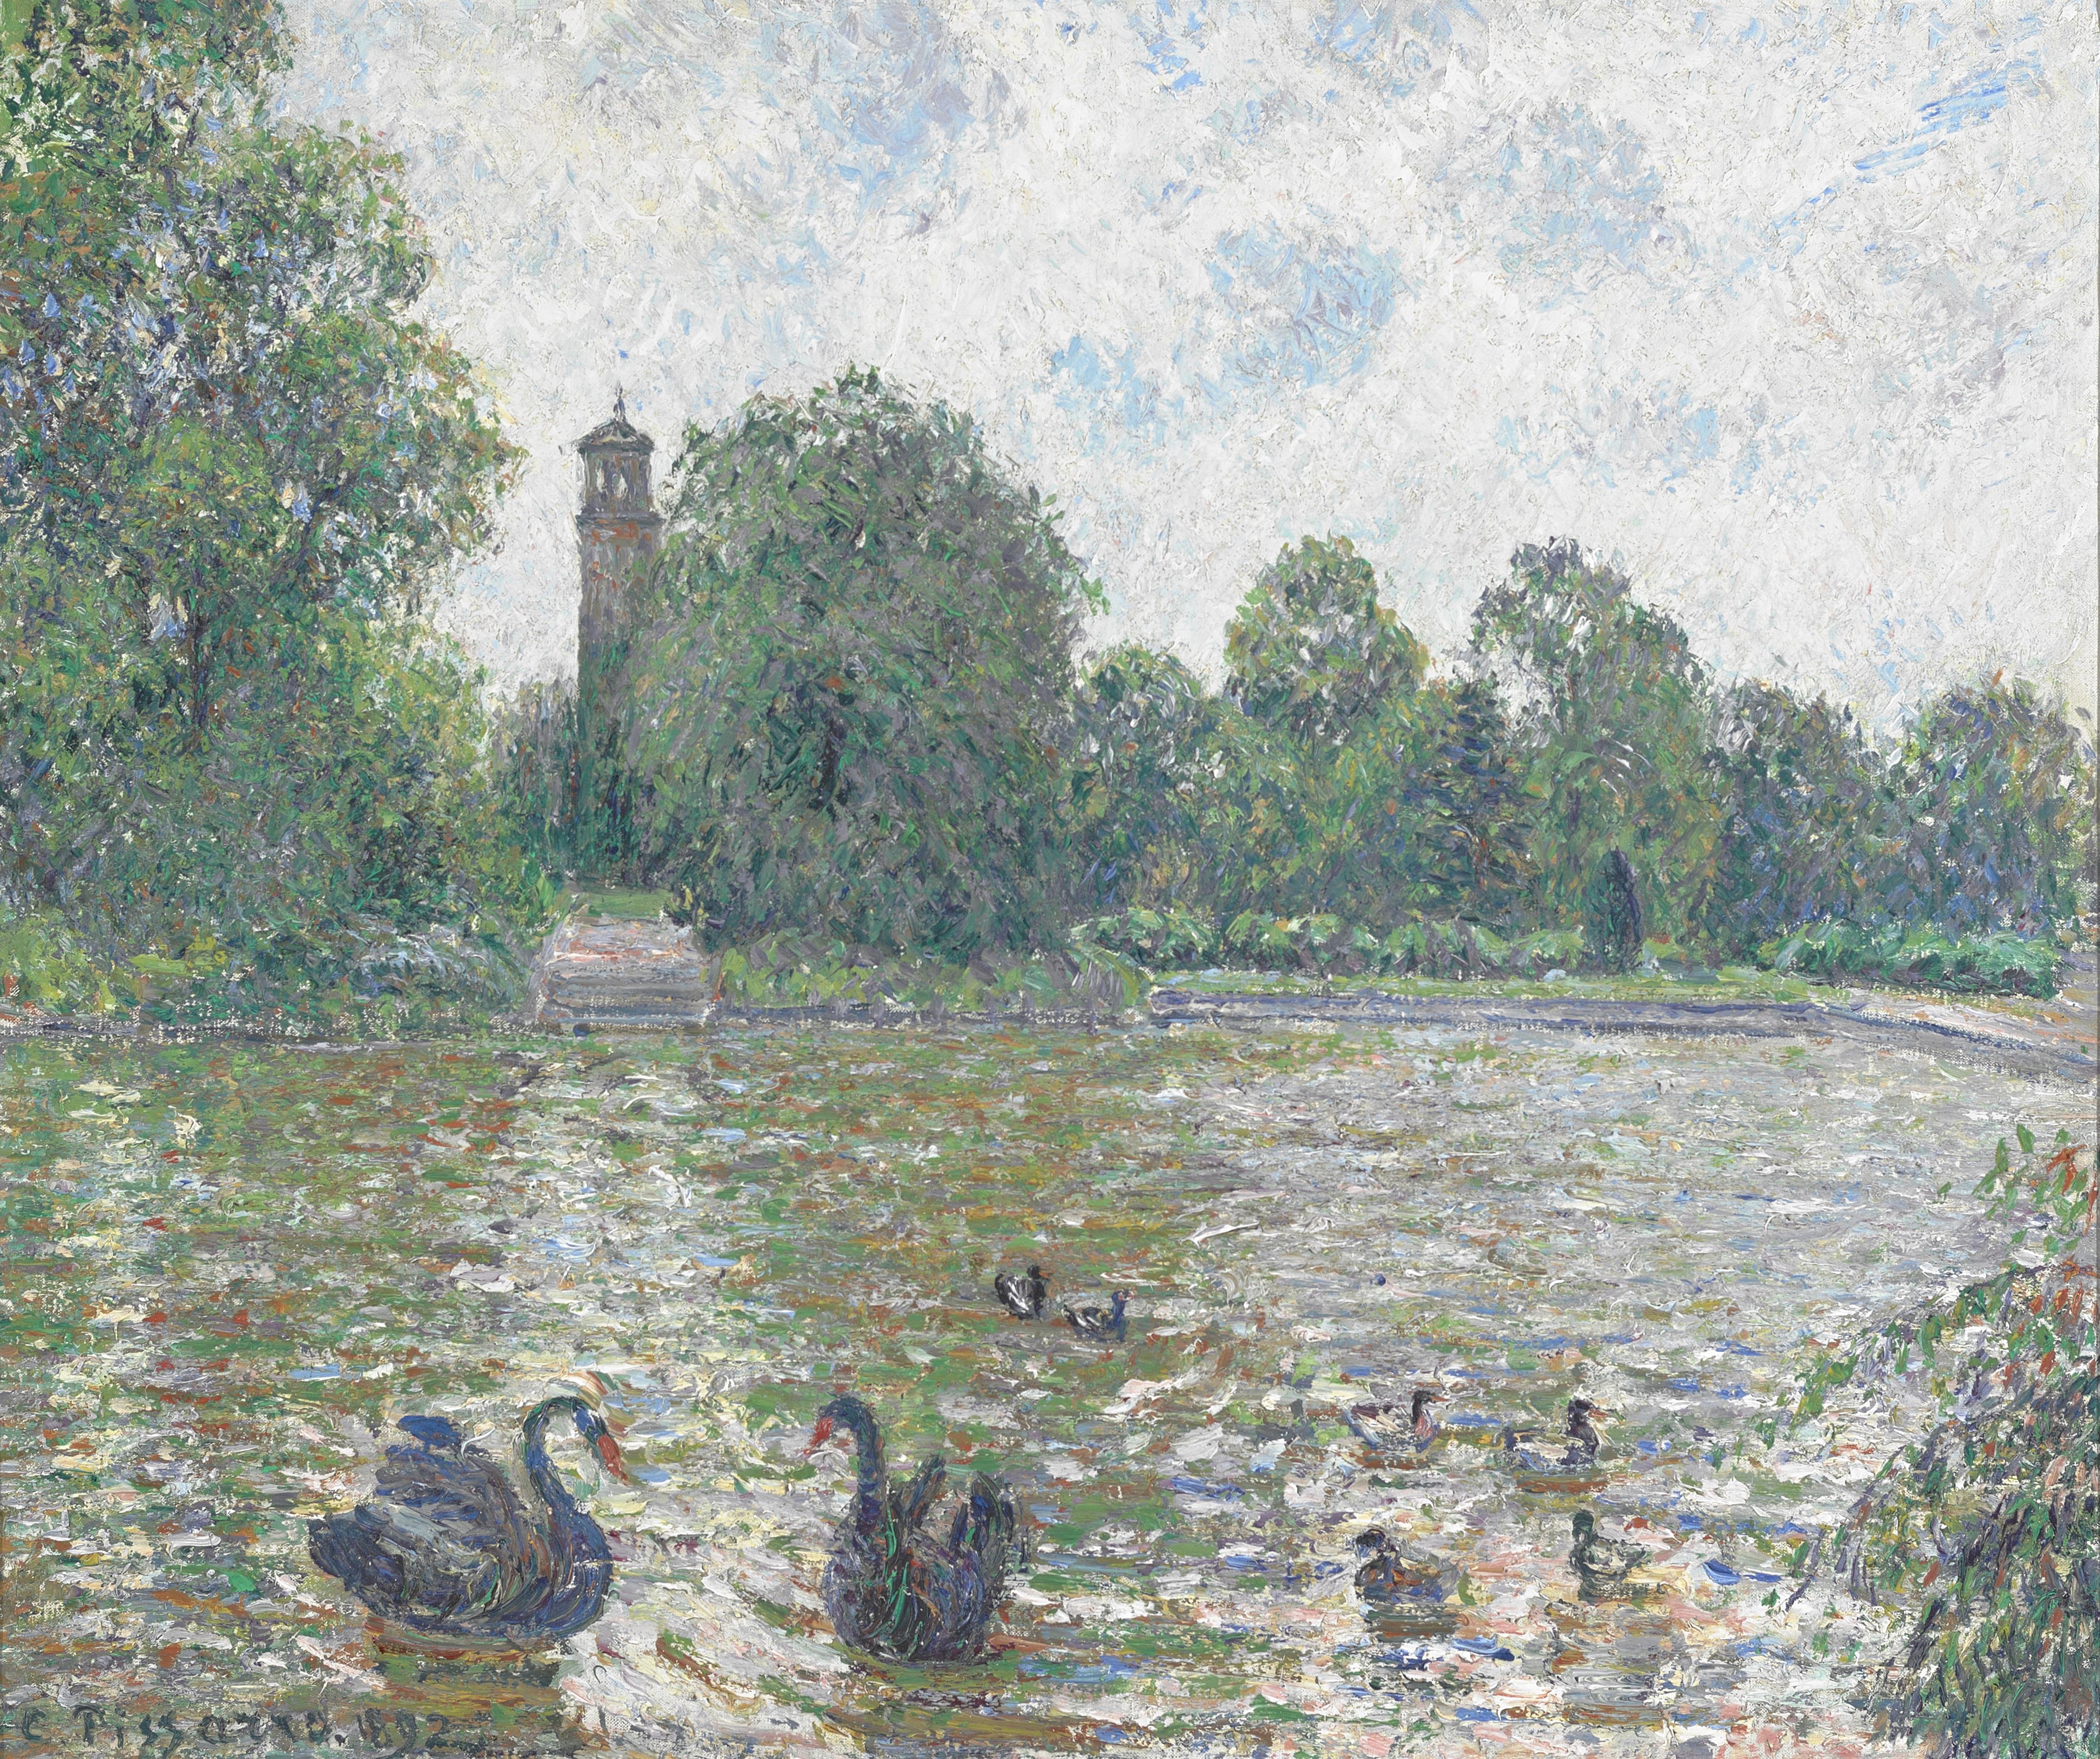 Una gran donación de pintura europea a un museo de Atlanta